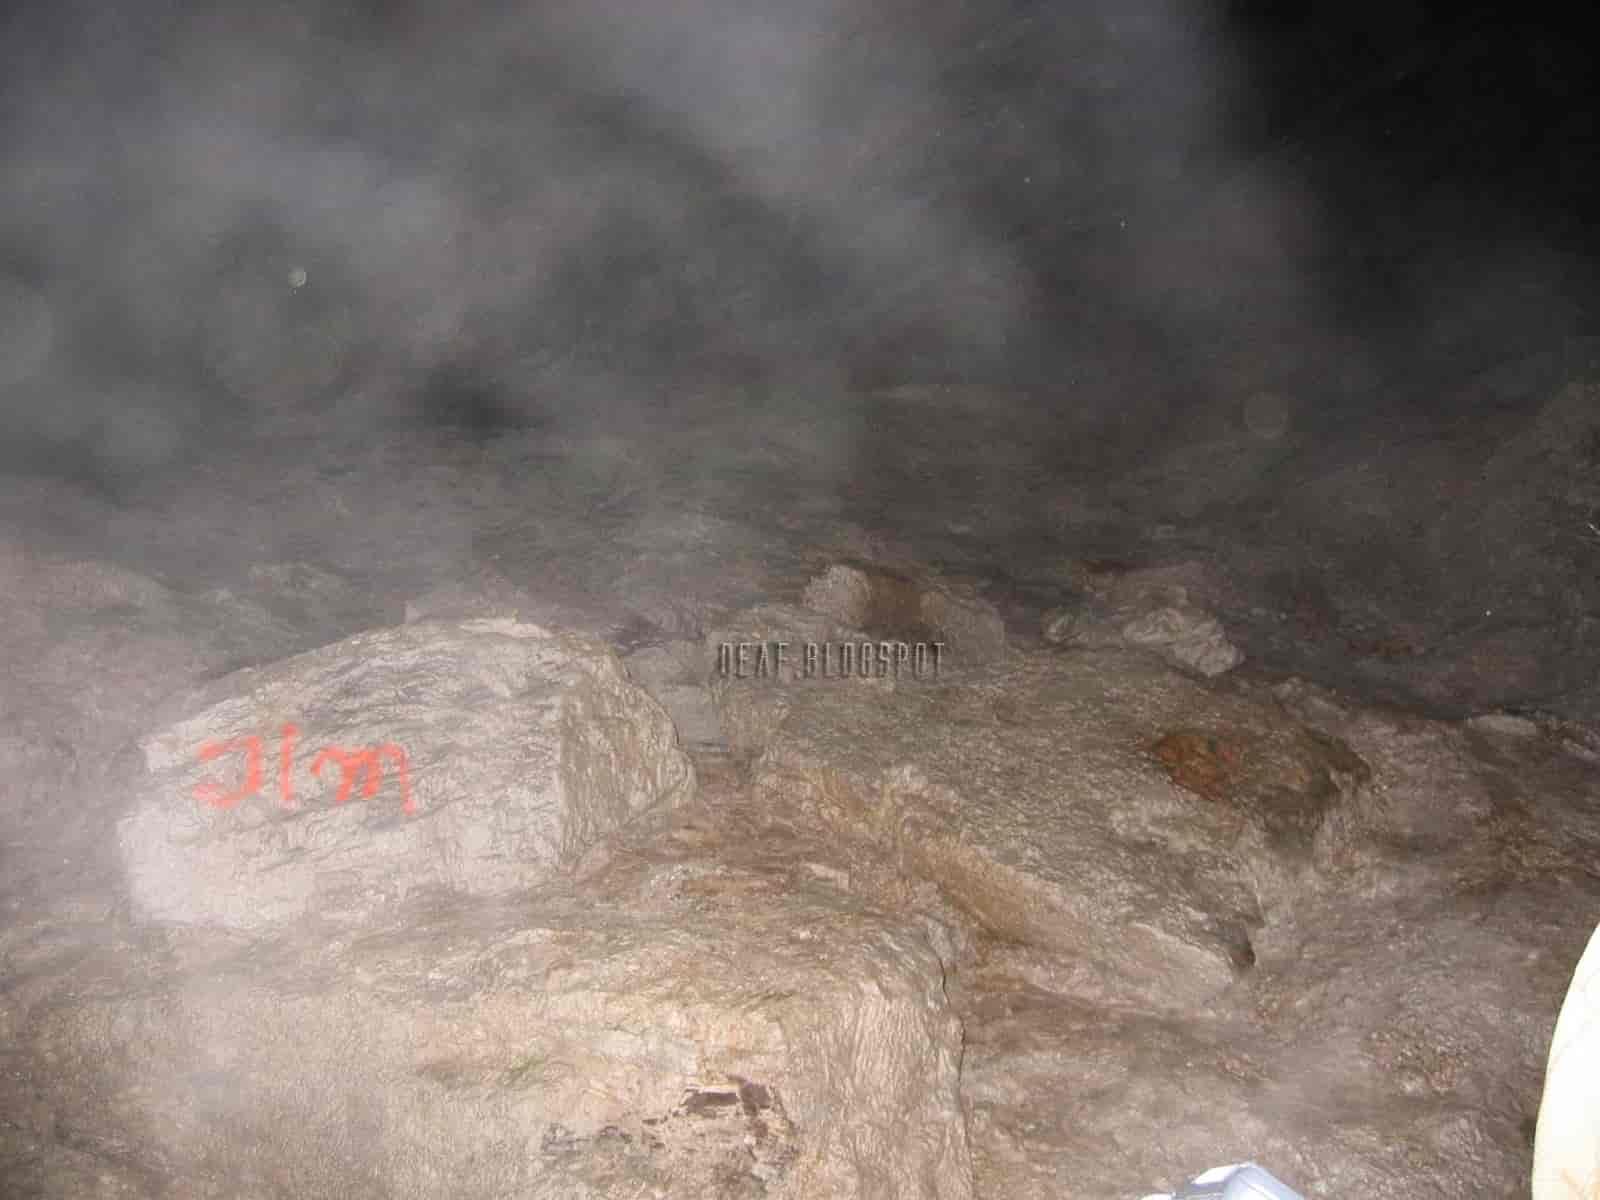 Τι Υπάρχει και Ζει Μέσα στο Σπήλαιο της Πεντέλης (εκπληκτικές φωτογραφίες και video) - Εικόνα23